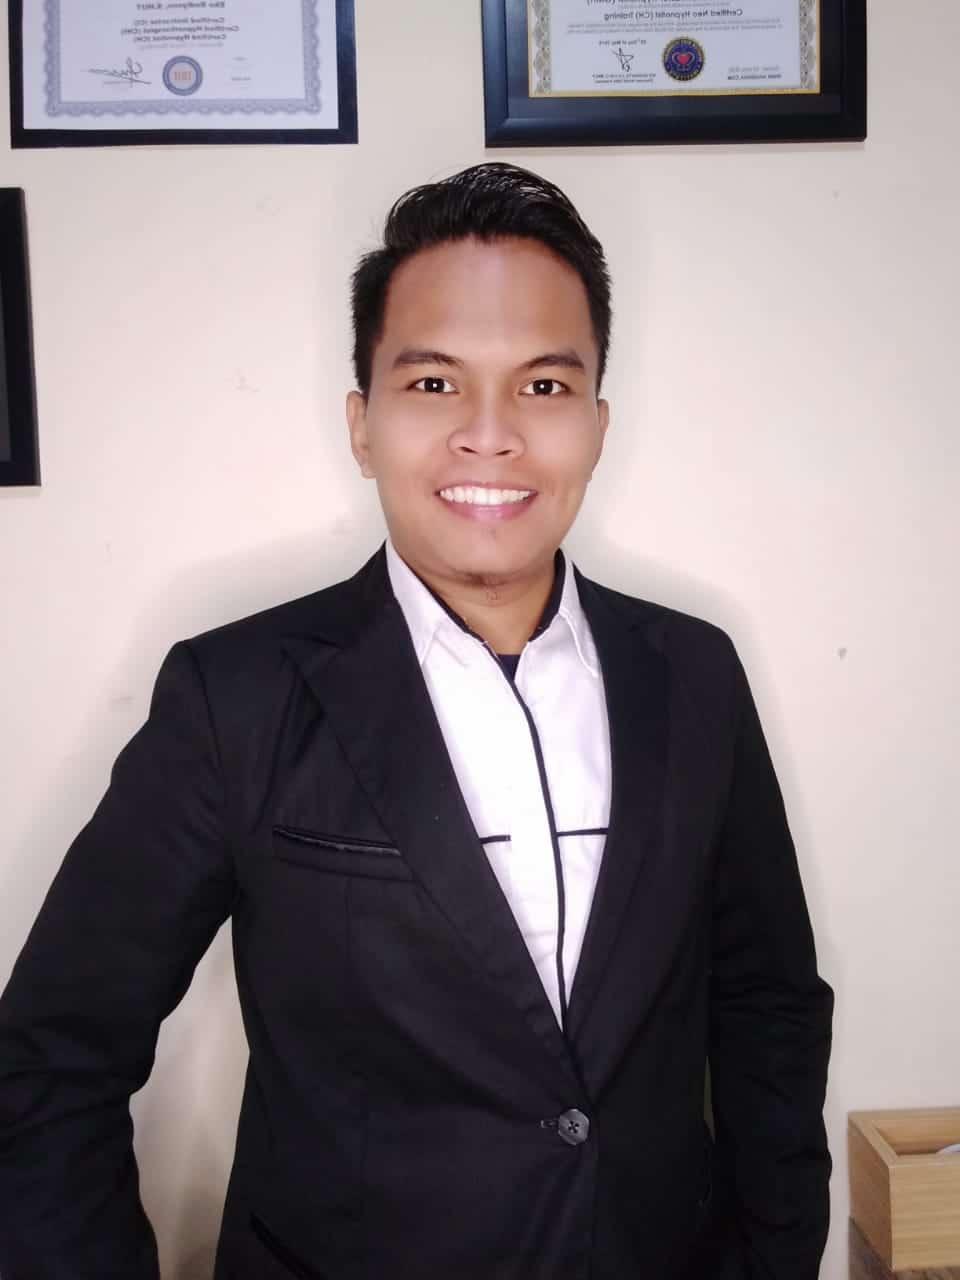 Coach Edward Rhidwan